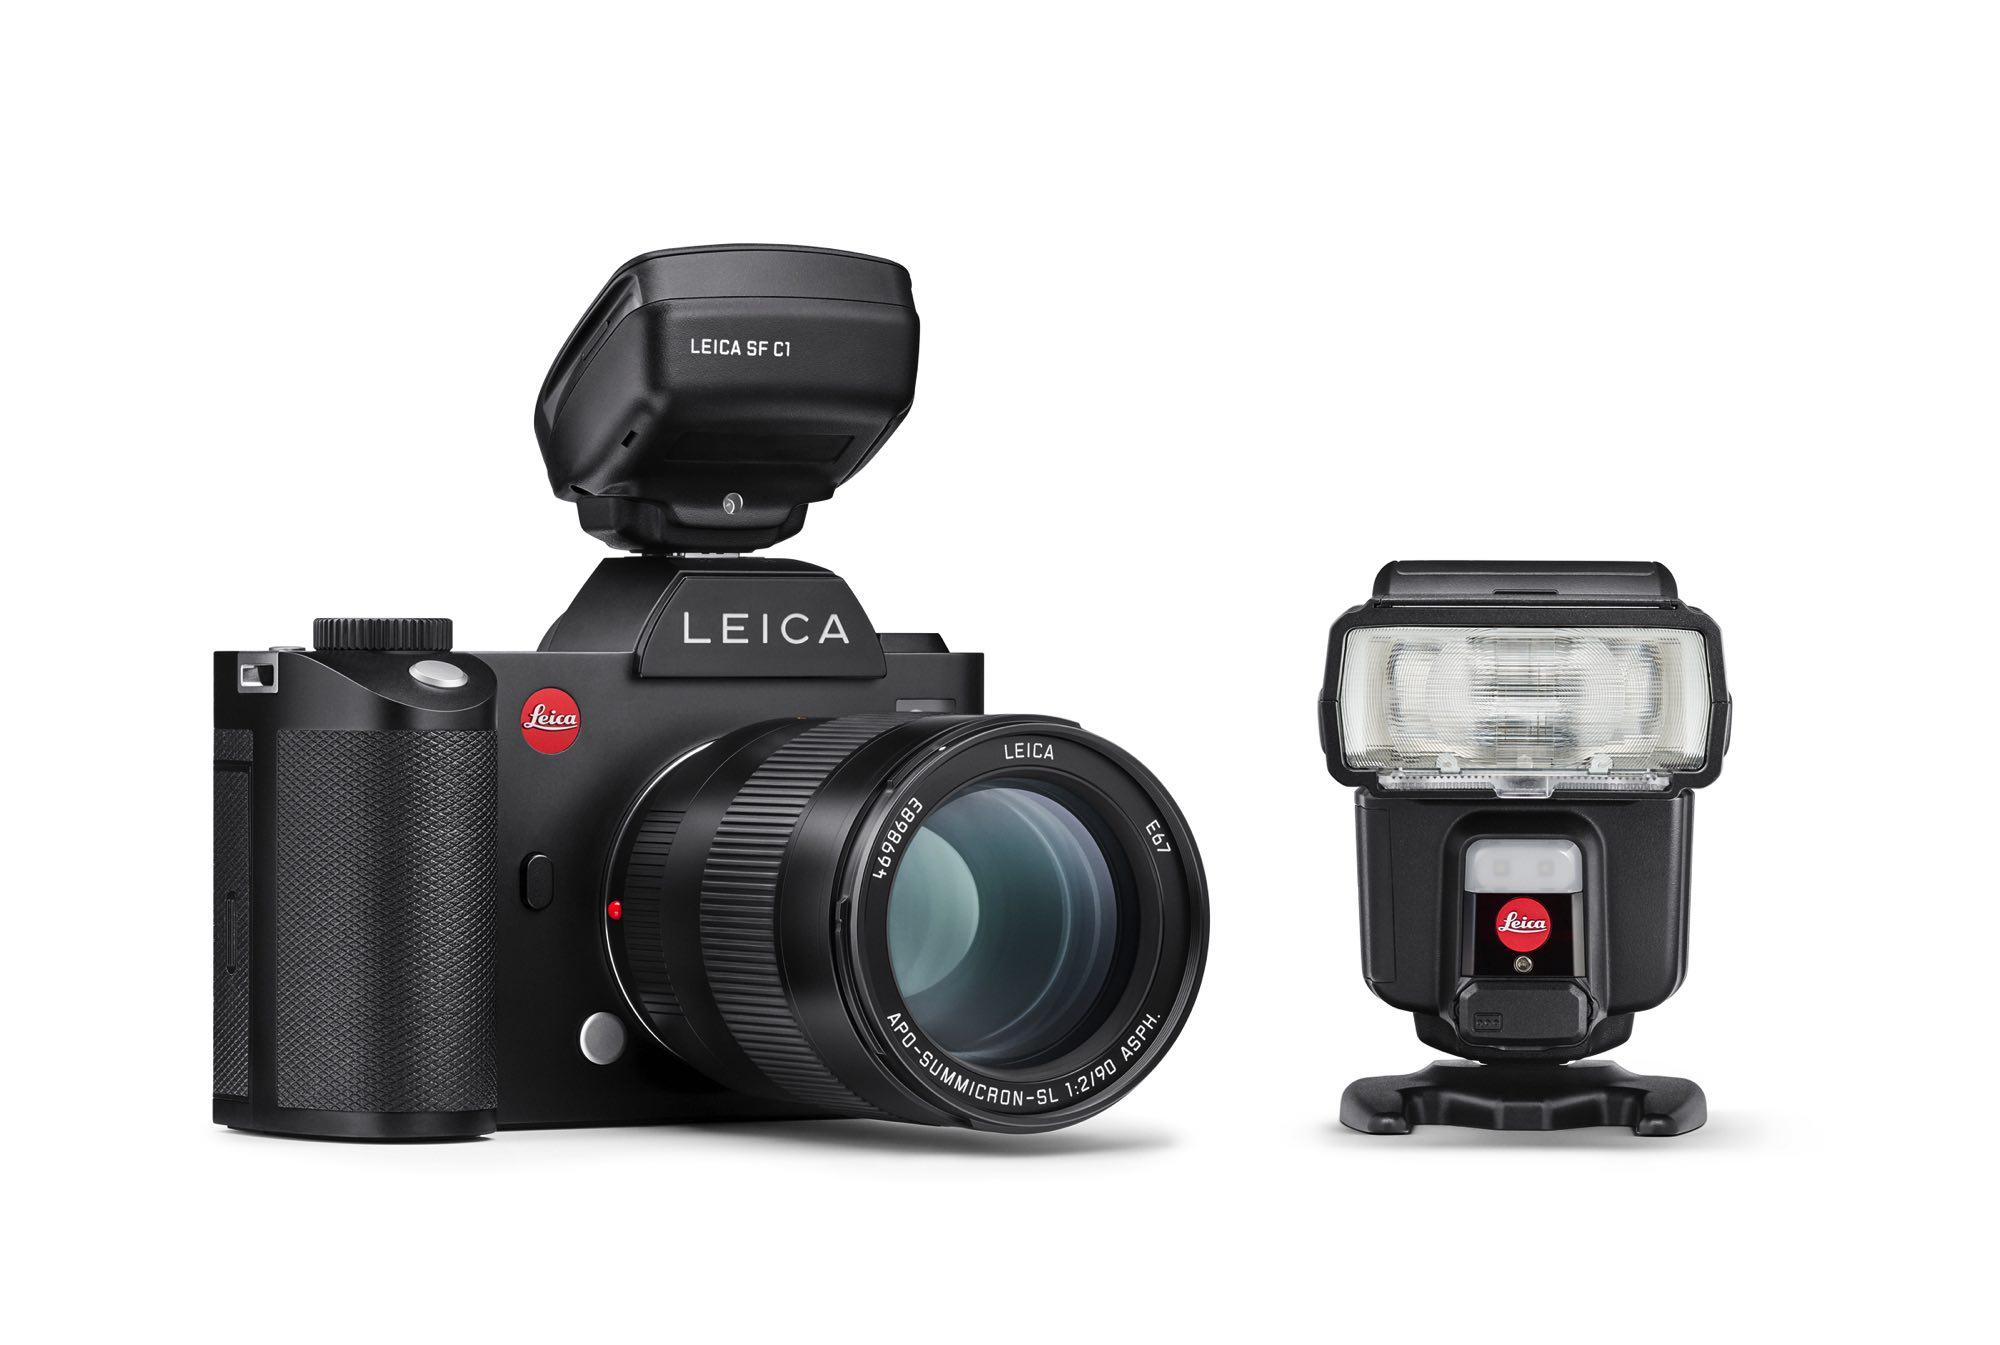 Leica 推全新閃光燈系統 SF60 閃光燈及 SF C1 無線閃光燈控制器